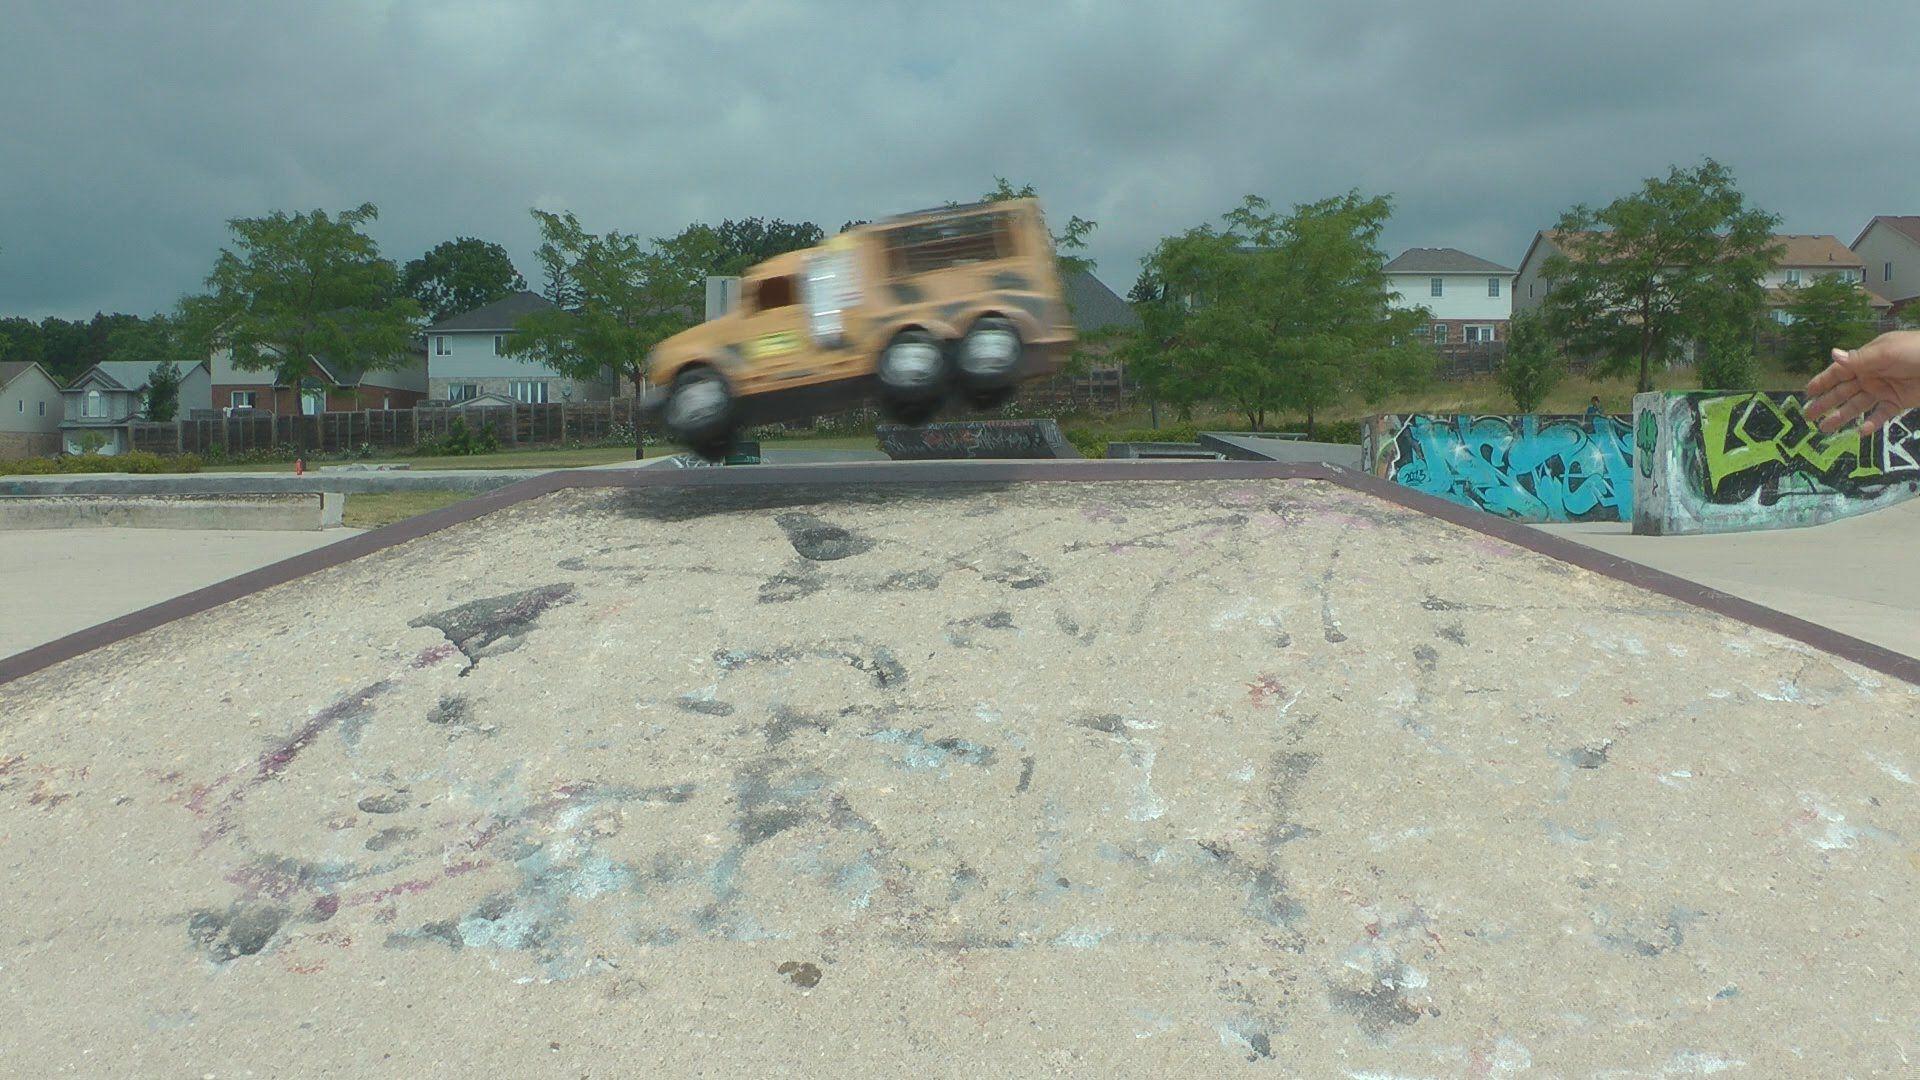 Big Trucks Jump Off Skate Park Ramps Toy Cars Kids Fun Big